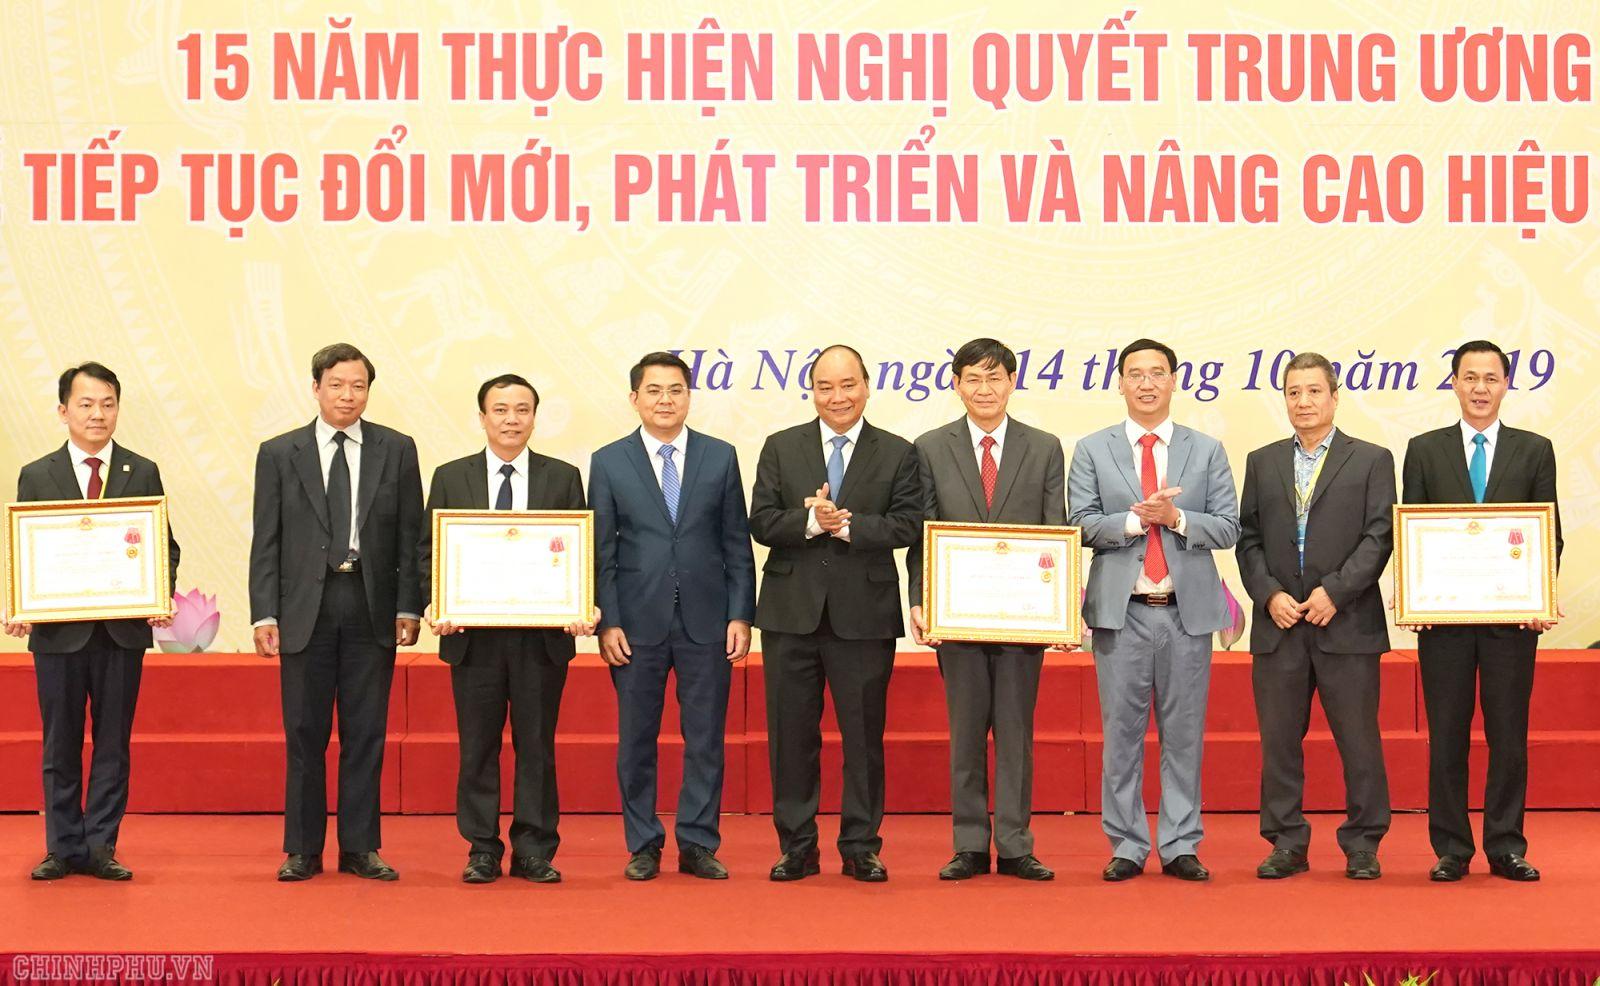 Thủ tướng Nguyễn Xuân Phúc trao Huân chương Lao động hạng Ba cho các HTX. Ảnh: VGP/Quang Hiếu